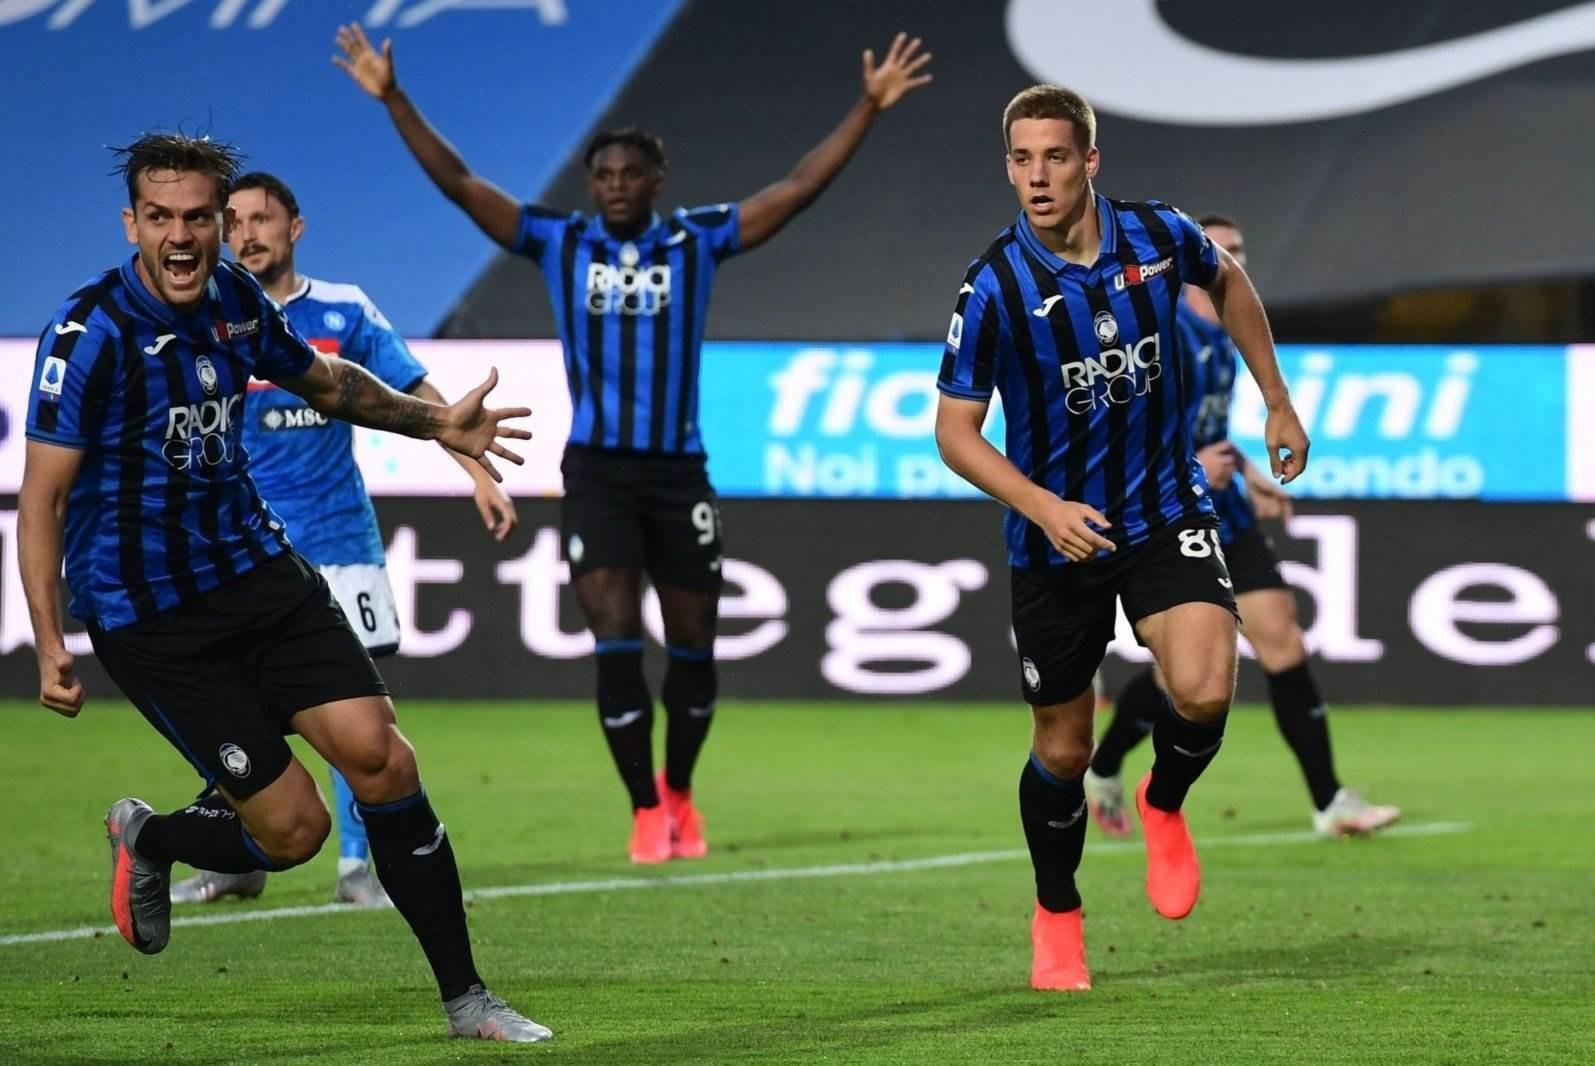 فاز أتالانتا على نابولي 2-0